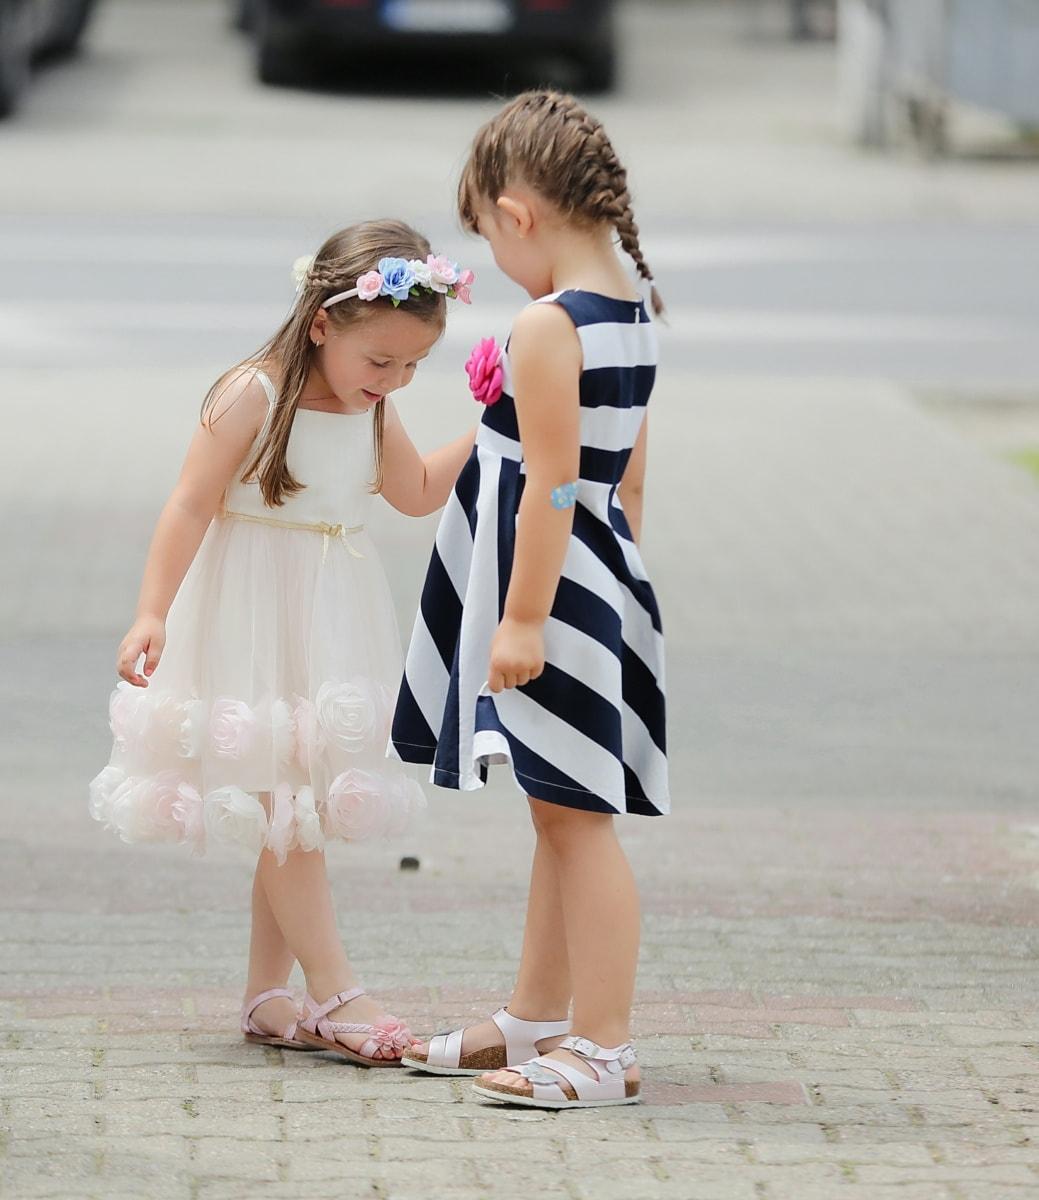 girlfriend, girls, childhood, playful, shoes, dress, fashion, fun, togetherness, child